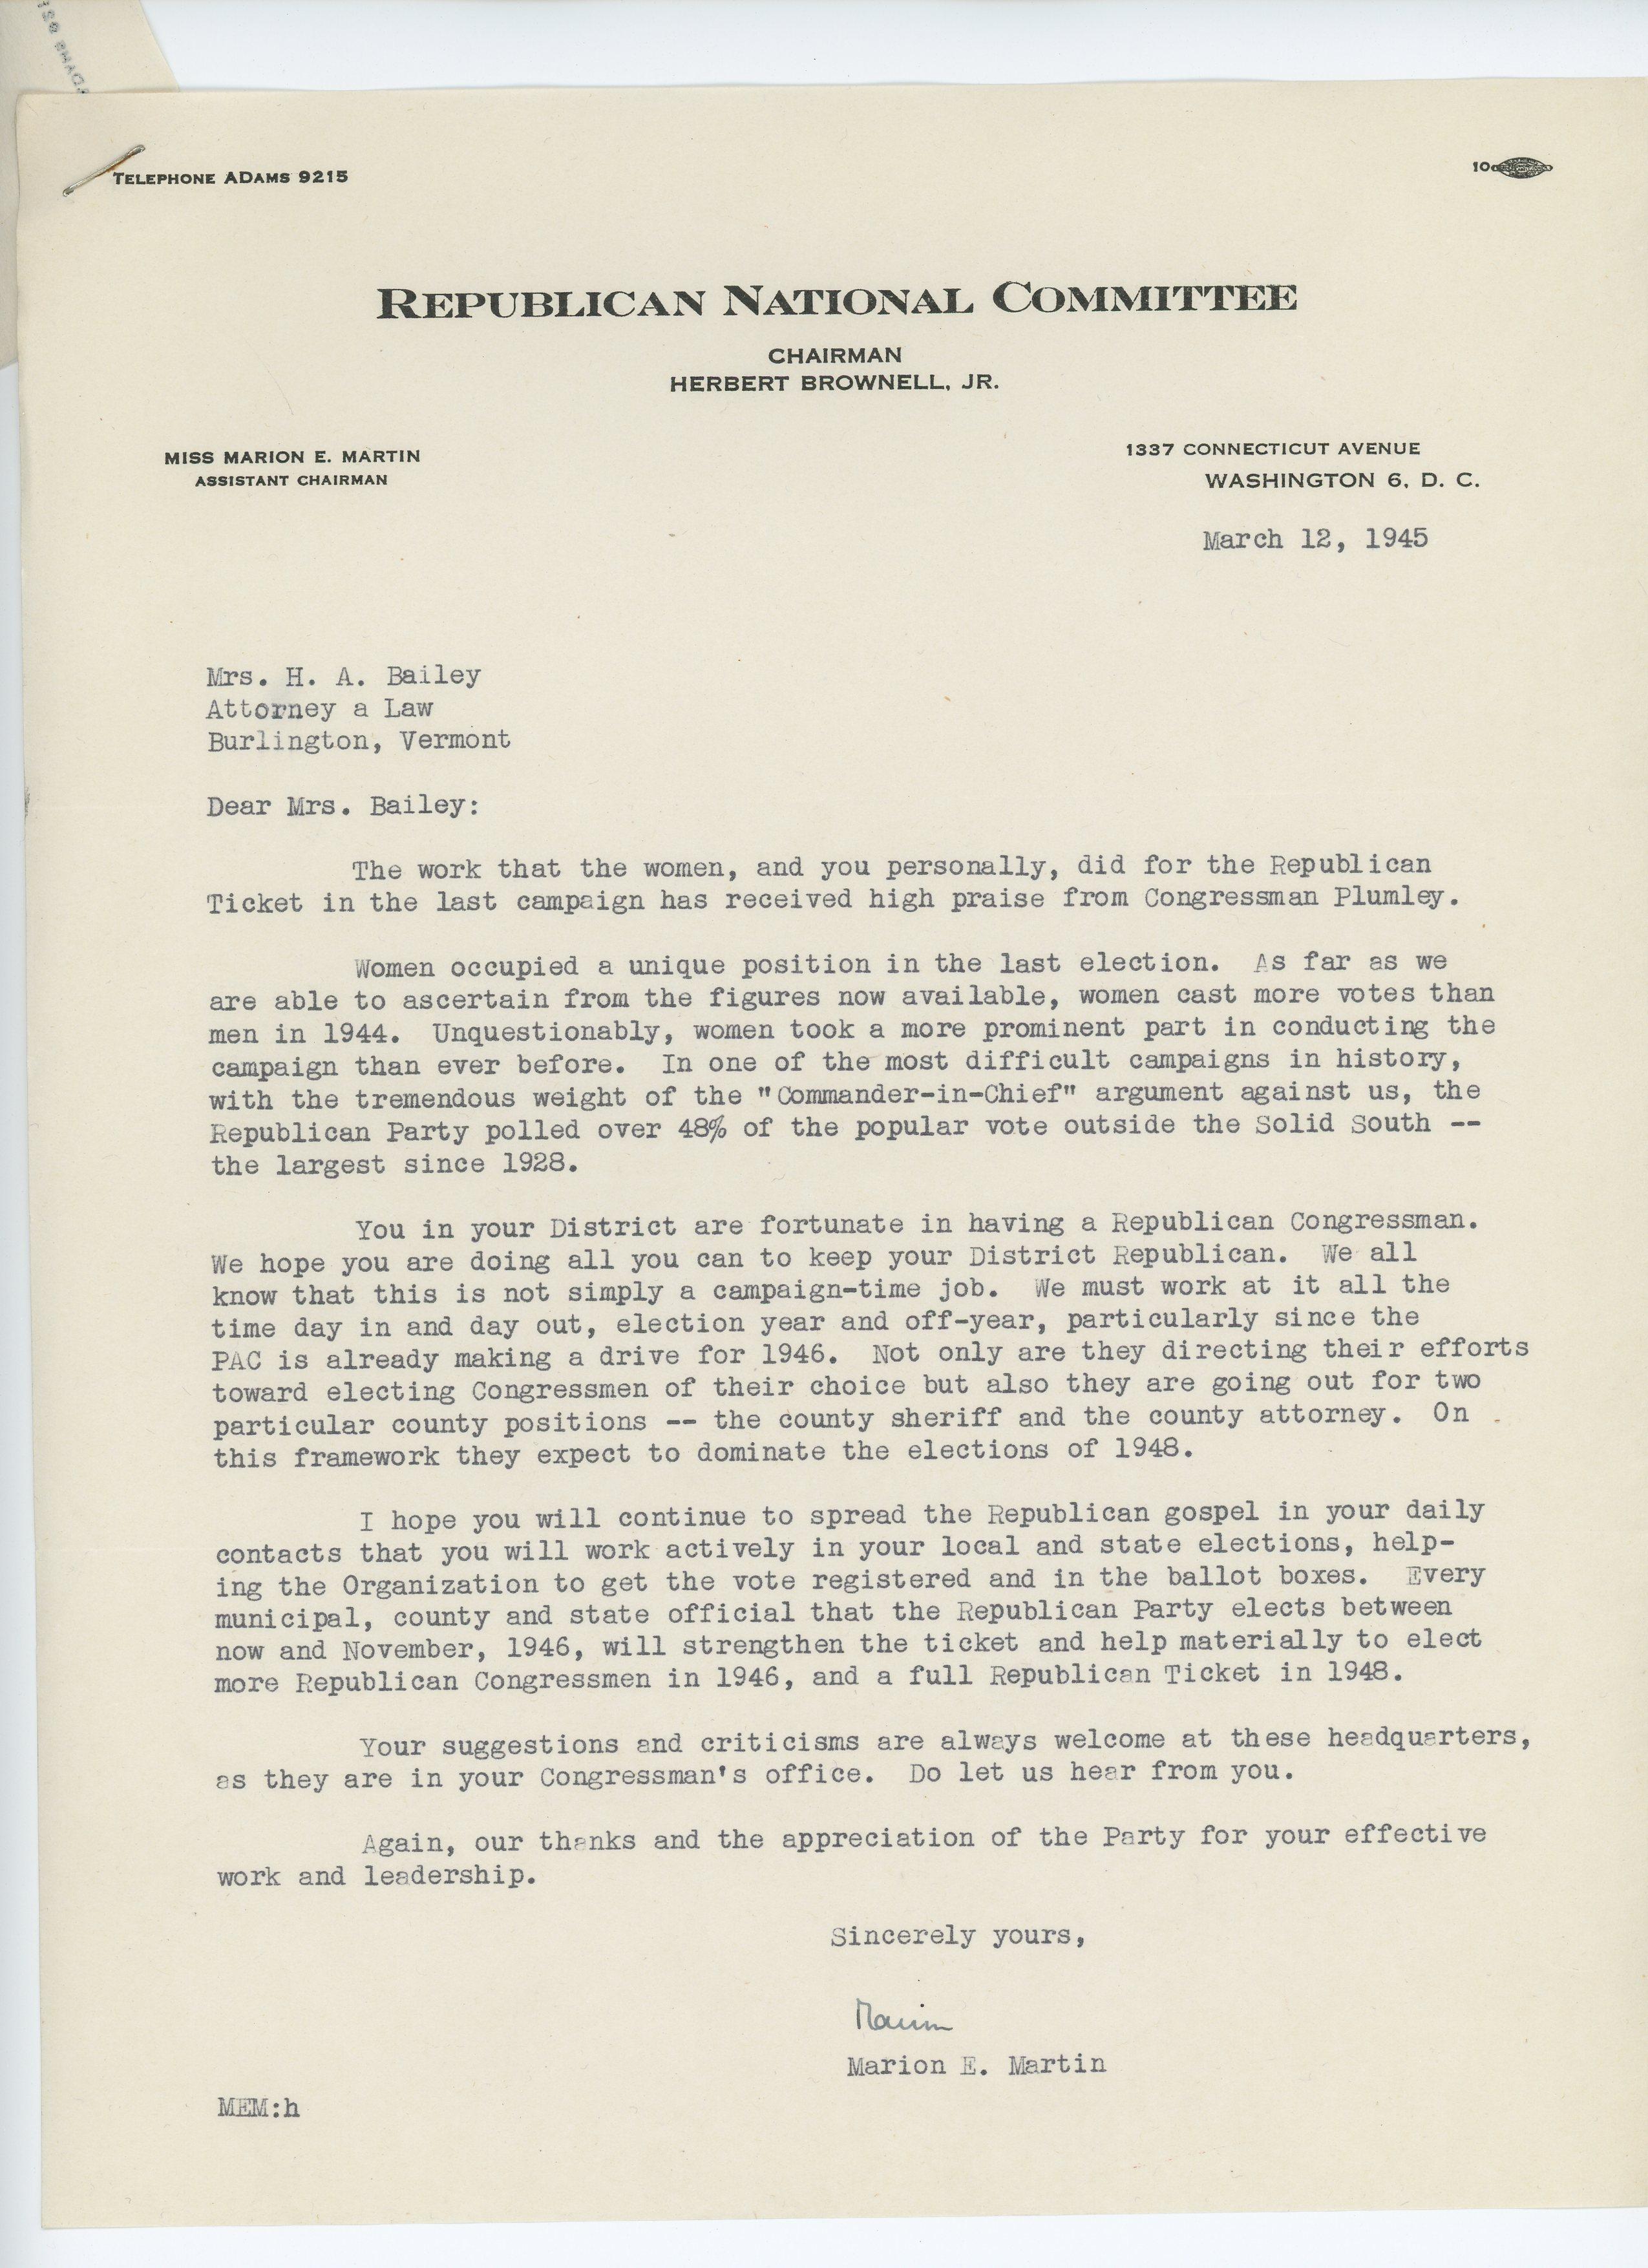 Marion E. Martin to Consuelo N. Bailey 1945 March 18